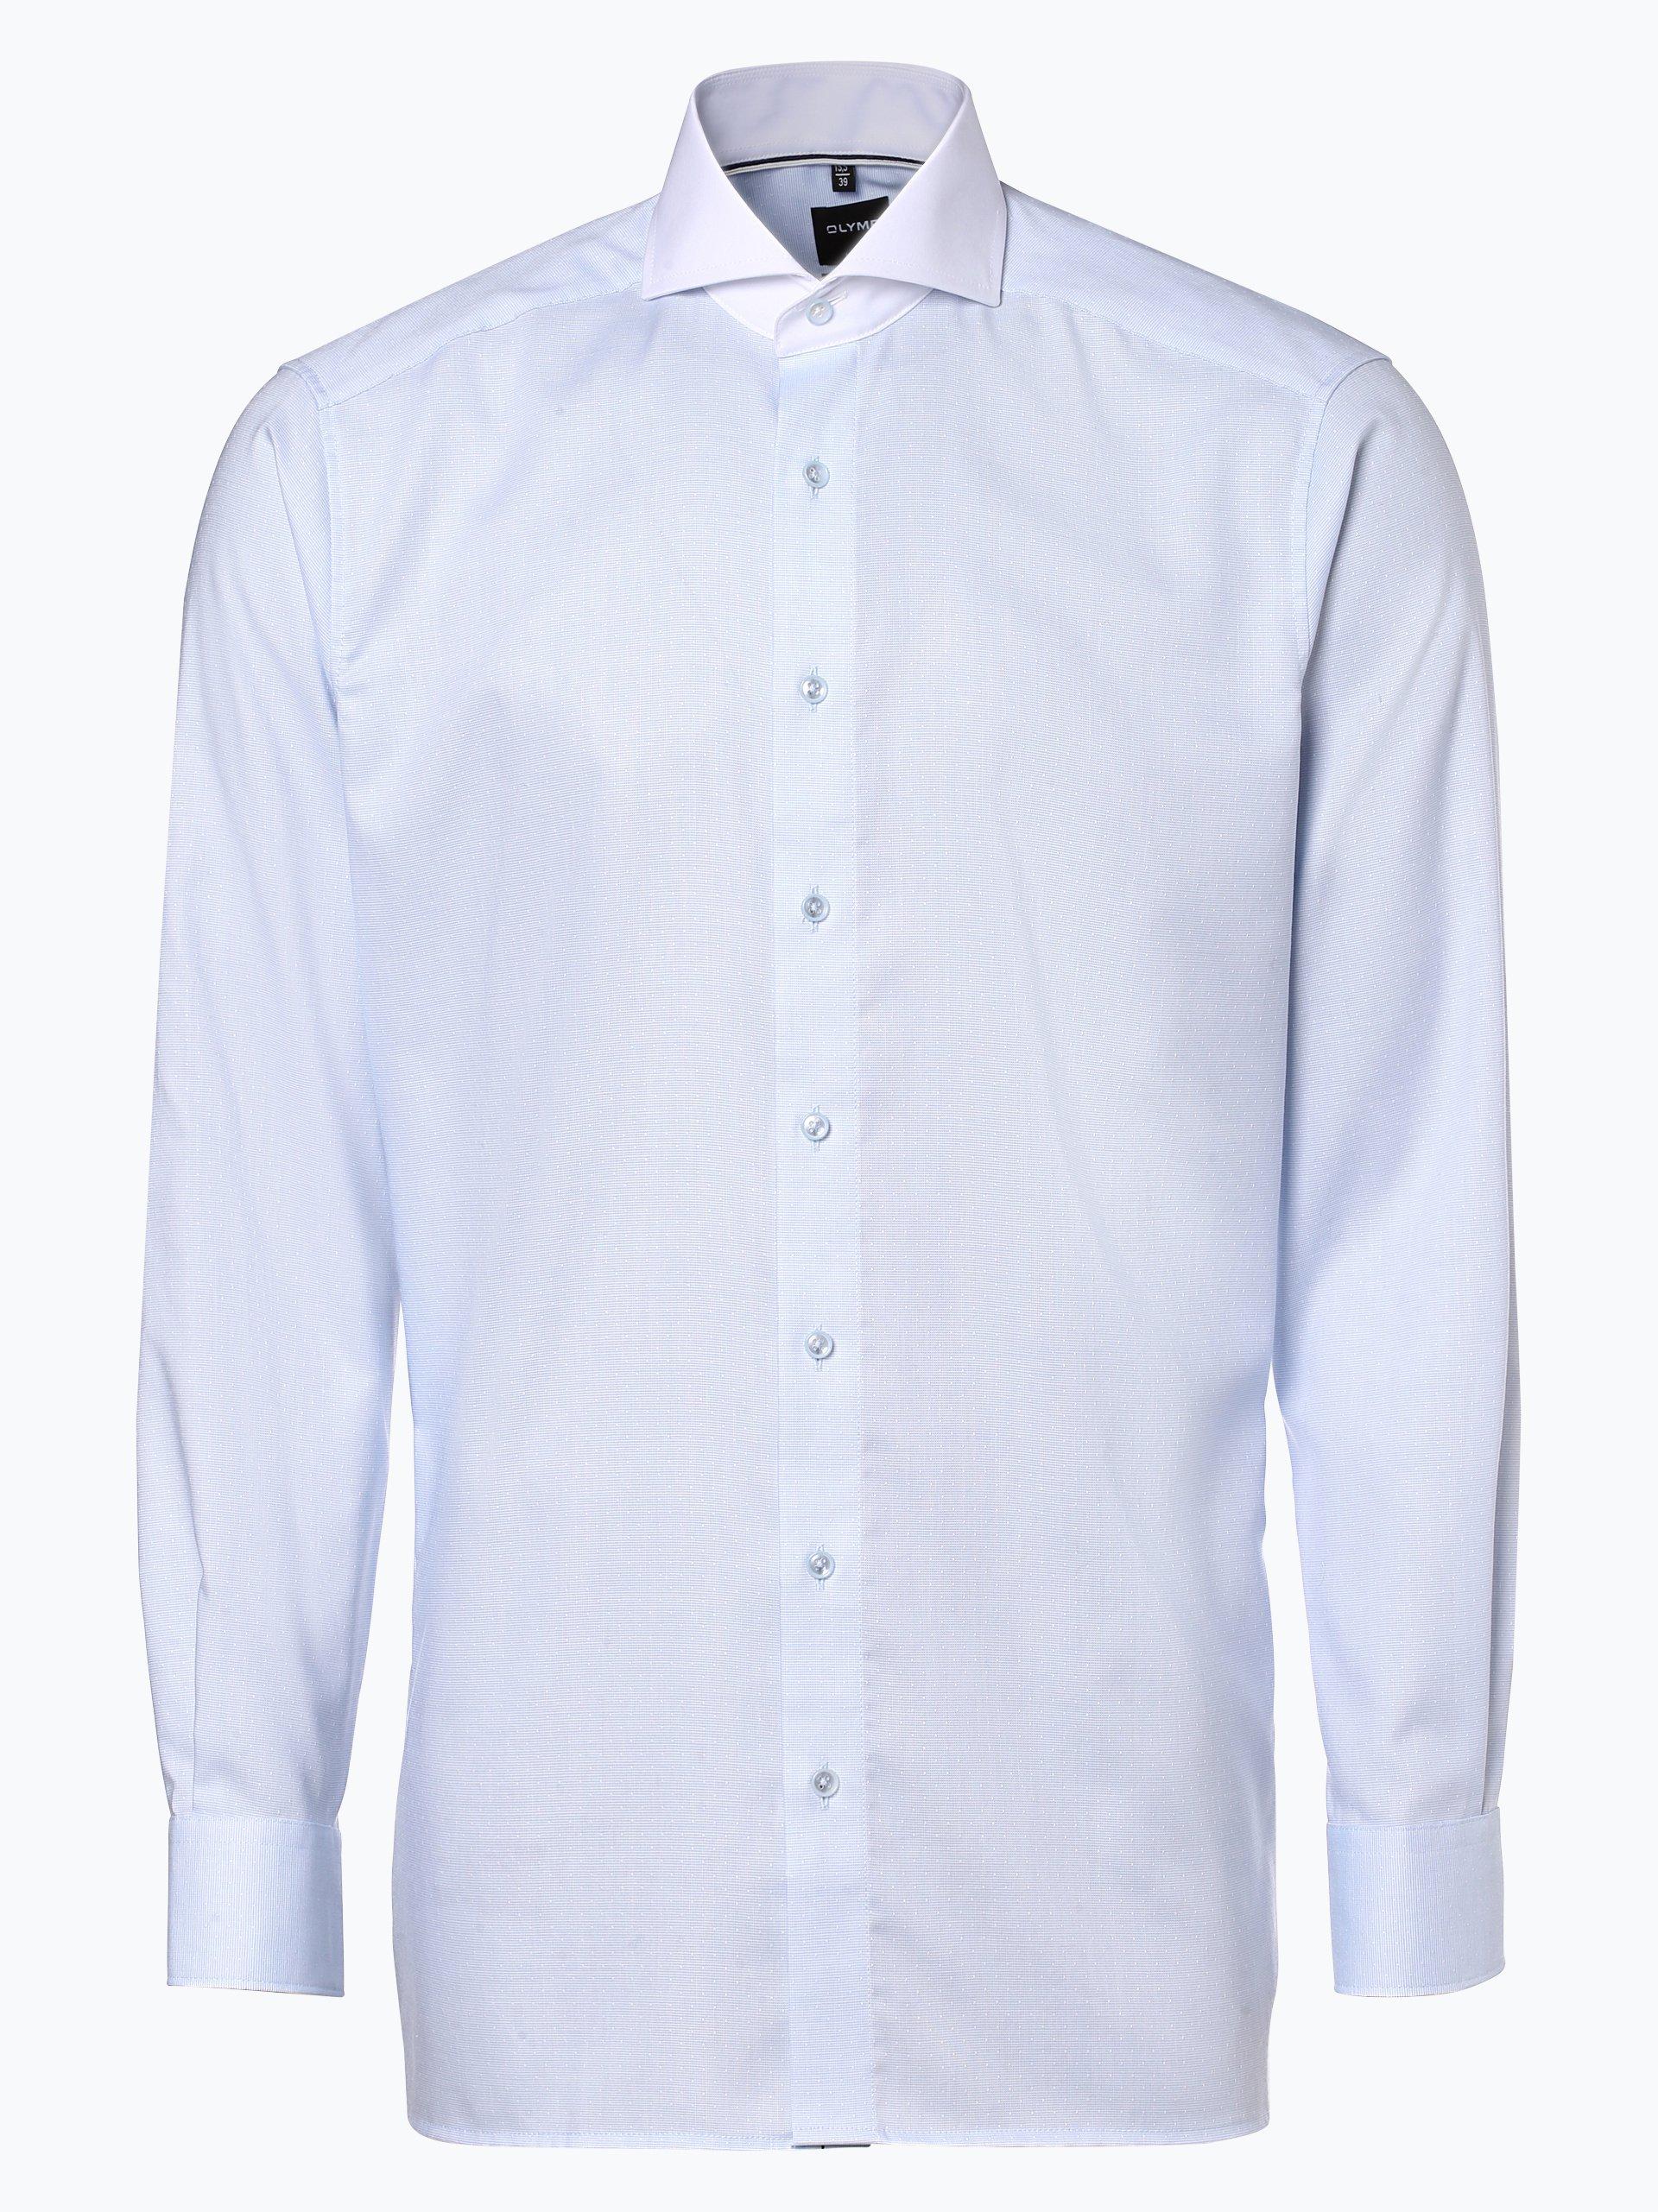 OLYMP Luxor modern fit Herren Hemd